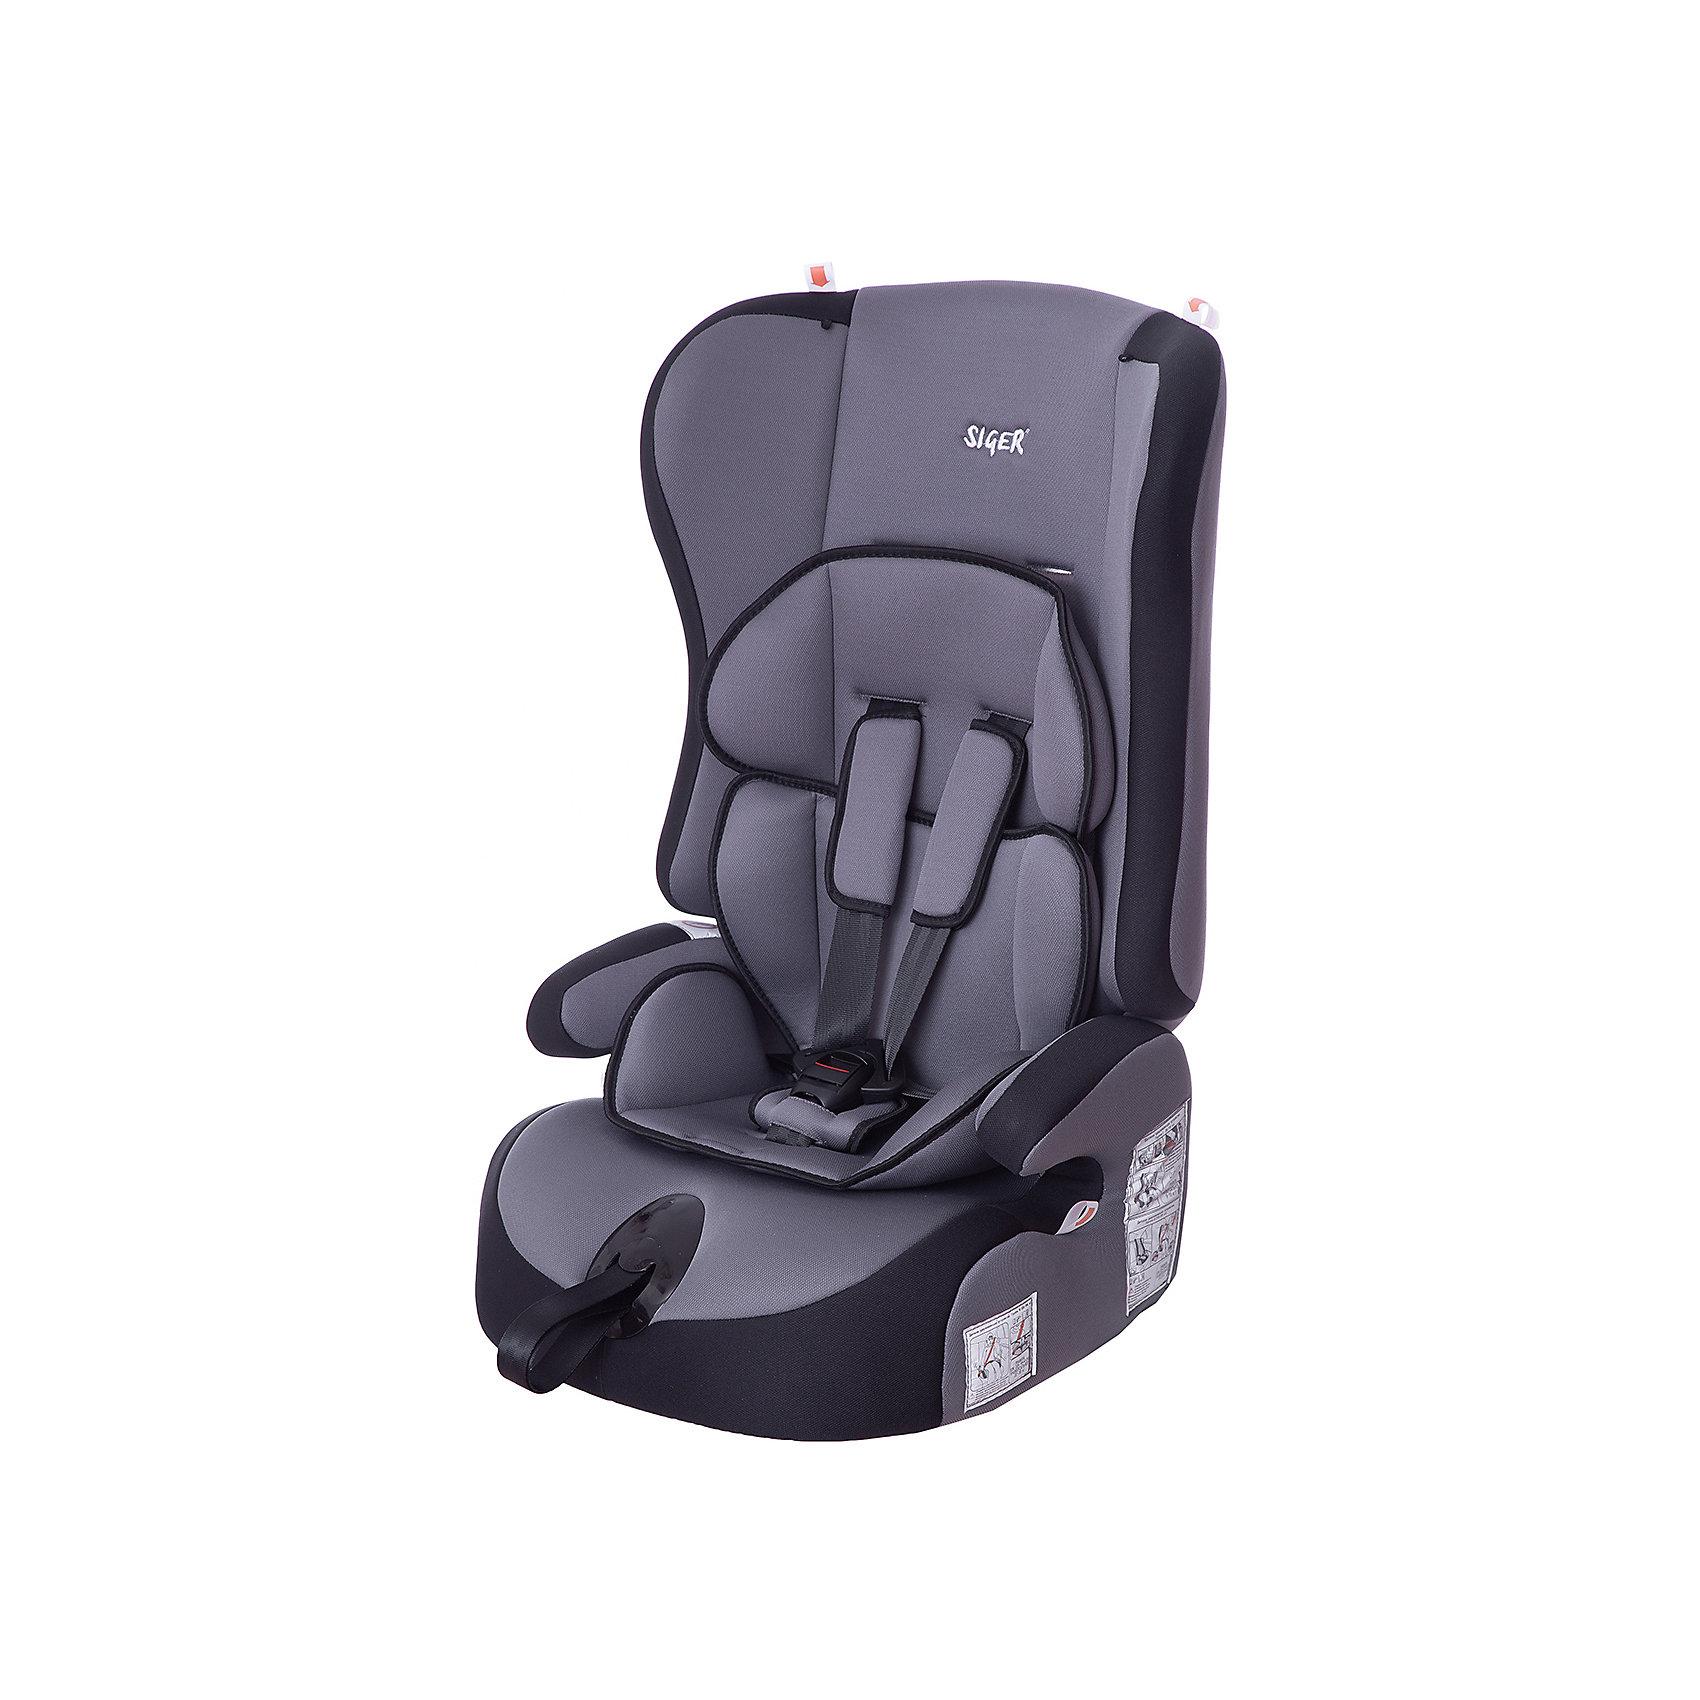 Автокресло Прайм, 9-36 кг., SIGER, серыйДетское автомобильное кресло SIGER  Прайм.  <br>Подходит для детей весом от 9 до 36 килограмм. Возрастная категория от 1 года до 12 лет. <br>Описание:<br>- трансформируется в модели «-Спорт» и «-Бустер»;<br>- чехол – трикотажное полотно, плотность 250 г/м2;<br>- специальная G-скоба, облегчающая установку кресла;<br>- ортопедическая спинка и особая форма подголовника защищает голову и плечи малыша от боковых ударов;<br>- двухпозиционная регулировка внутреннего ремня (лето-зима);<br>- износостойкий чехол, легко стирается, не вызывает аллергических реакций, не  выгорает;<br>- ортопедическая округлая форма сиденья предохраняет ножки малыша от затекания.<br>Дополнительная информация:<br> - ширина посадочного места – 27-34 см;<br>- глубина посадочного места – 30 см;                                                                                                                    <br>- высота посадочного места – 12 см.<br>- высота спинки – 58 см;<br>- нижнее положение ремней безопасности – 30см;<br>- среднее положение ремней безопасности – 35см;<br>- верхнее положение ремней безопасности – 40см;<br>- вес – 4,8 кг.<br>- корпус – ПНД-пластмасса ПЭ2МТ76-17.<br>- цвет - серый.<br>Детское автомобильное кресло SIGER Прайм  можно купить в нашем интернет-магазине.<br><br>Ширина мм: 420<br>Глубина мм: 420<br>Высота мм: 870<br>Вес г: 4800<br>Возраст от месяцев: 12<br>Возраст до месяцев: 144<br>Пол: Унисекс<br>Возраст: Детский<br>SKU: 3340351